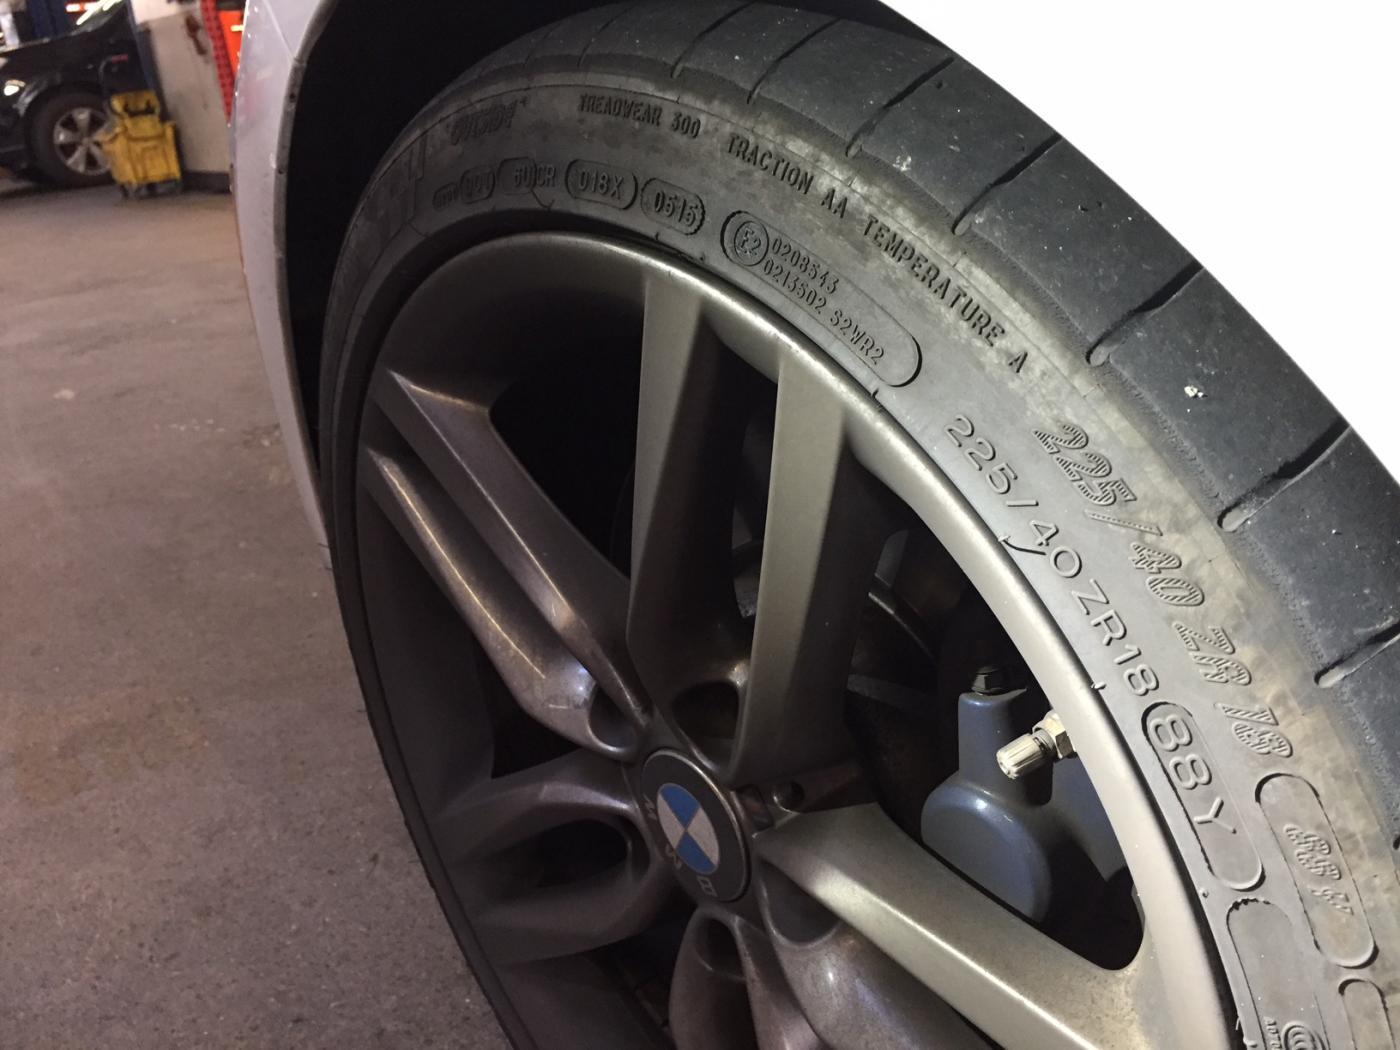 Boite-de-transfert-BMW-X3-10.jpeg